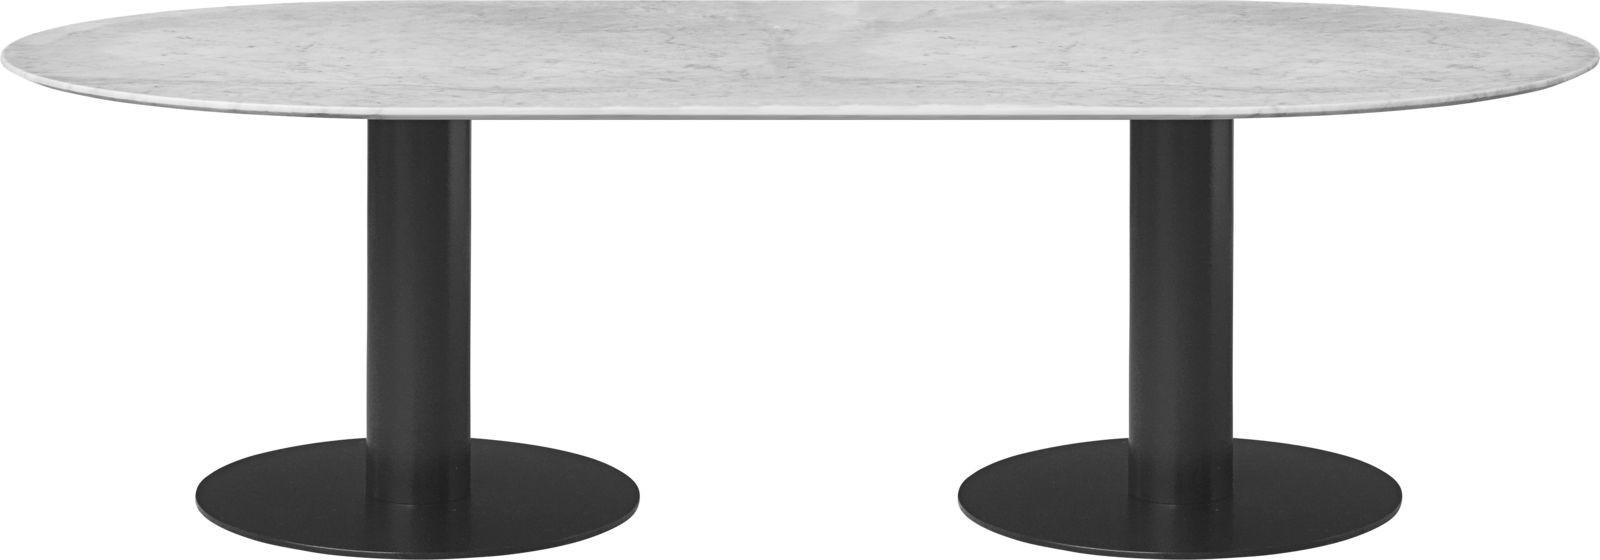 Gubi 2.0 Elliptical Dining Table - Marble 130x240, Gubi Metal Black, Gubi Marble Bianco Carrara